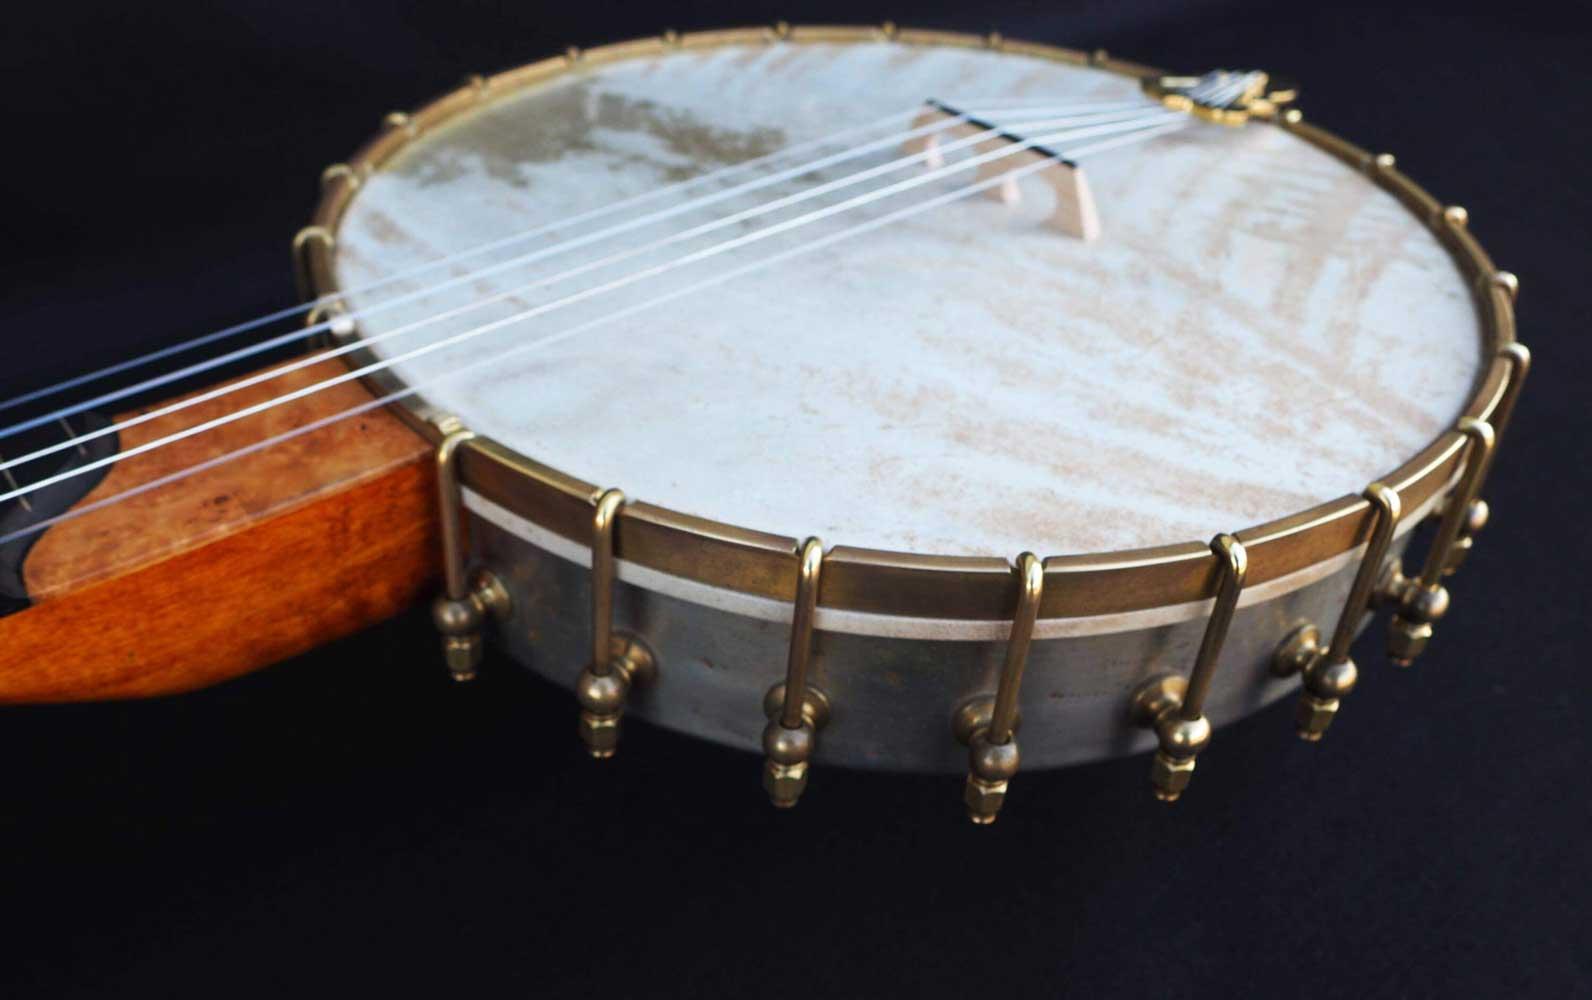 banjo overspun fretless  vellum